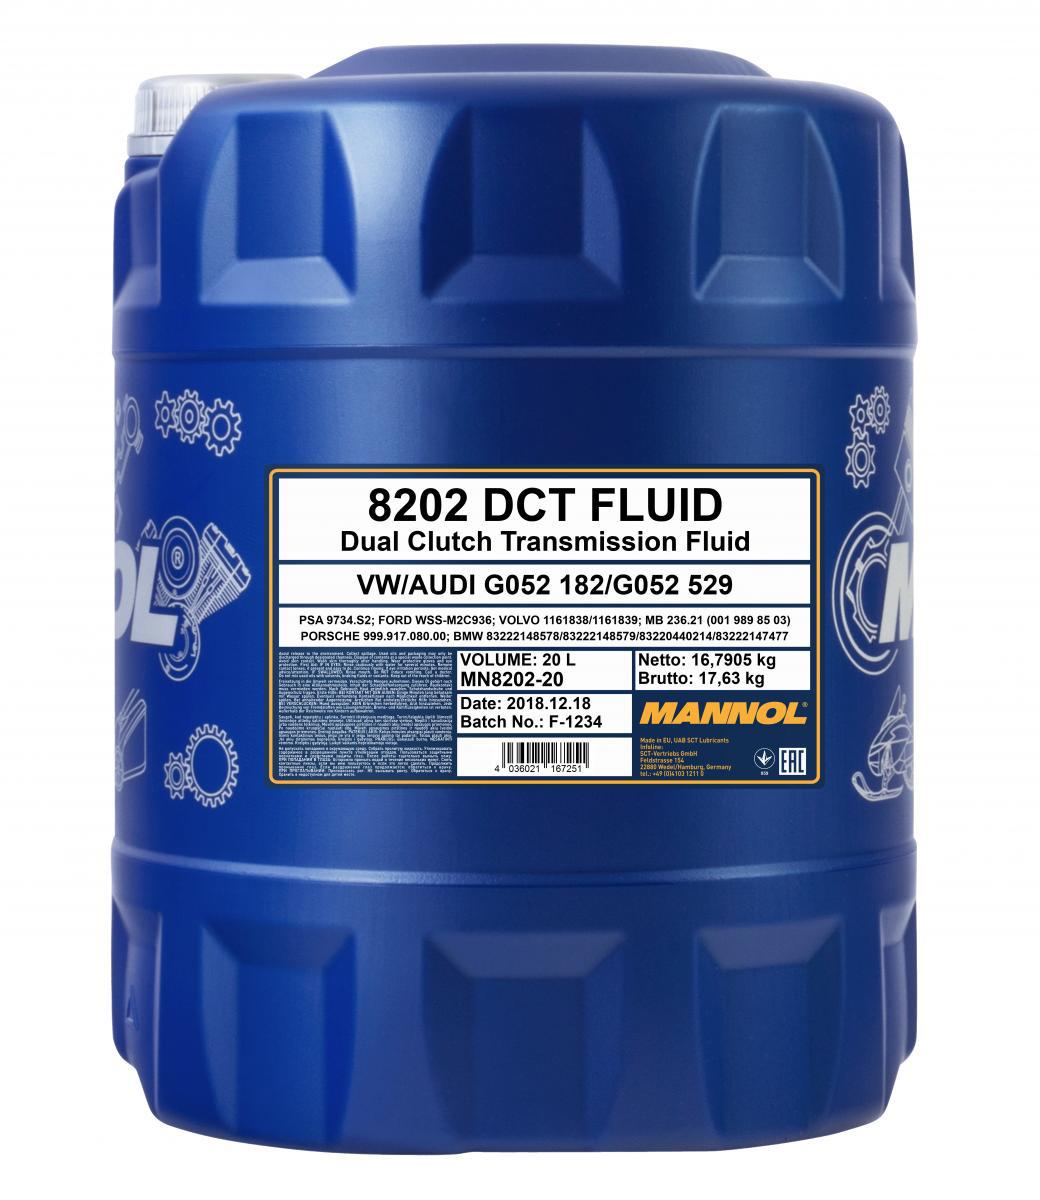 DCT Fluid